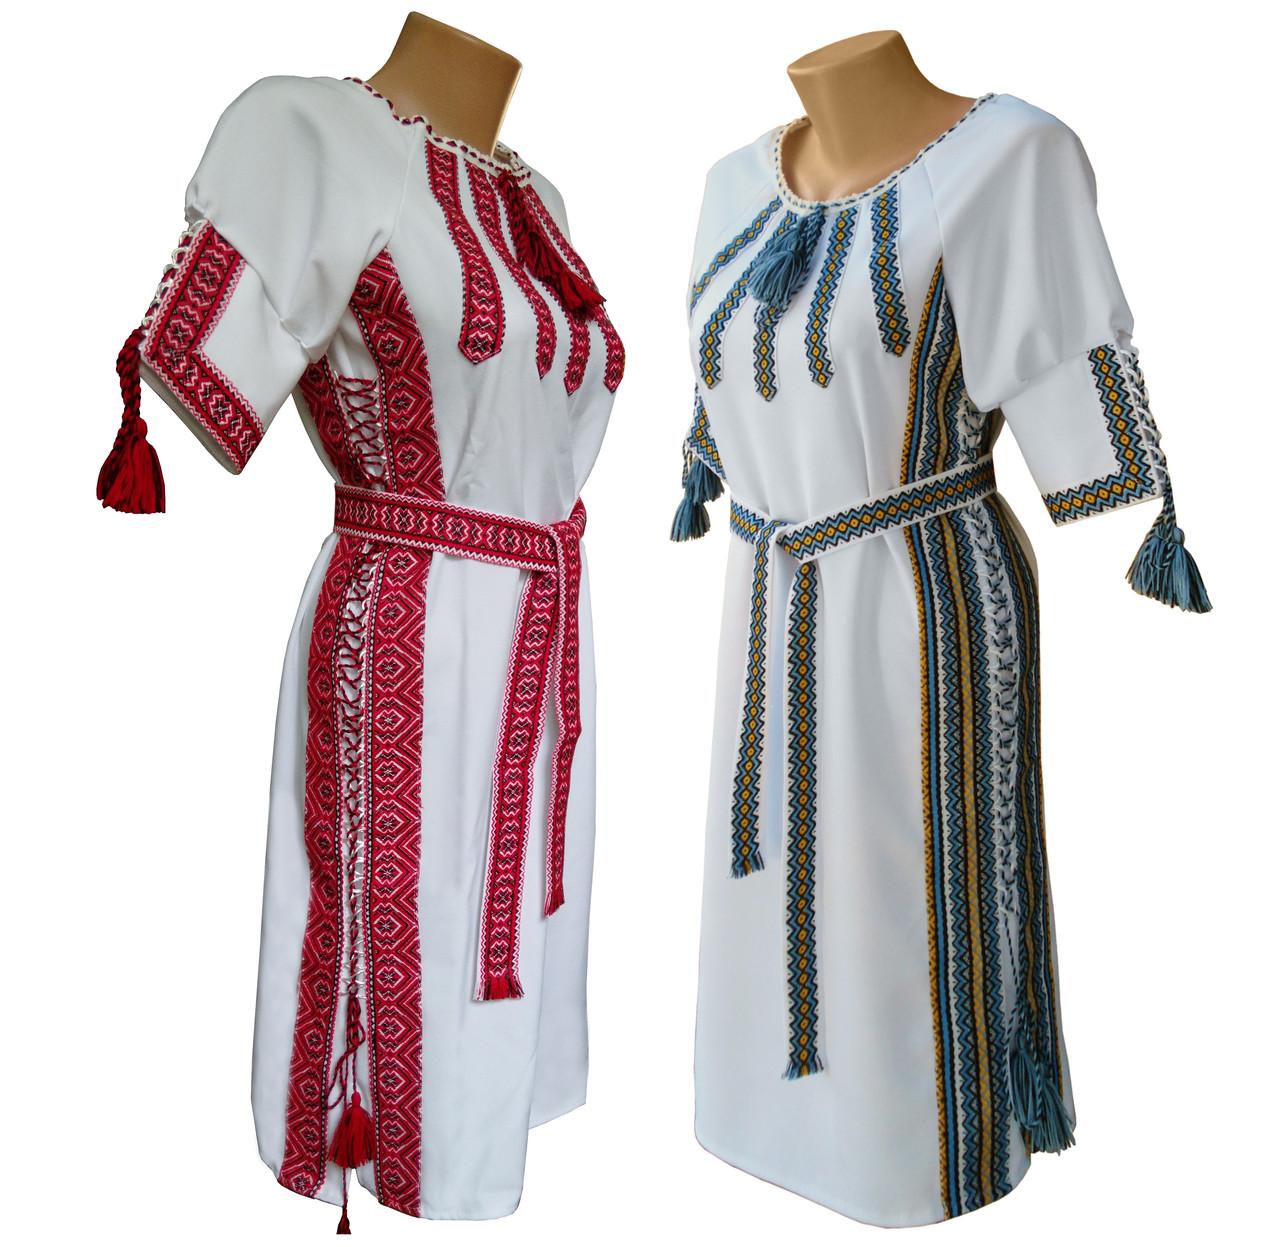 Піділіткова вишита сукня з поясом у білому кольорі із геометричним орнаментом